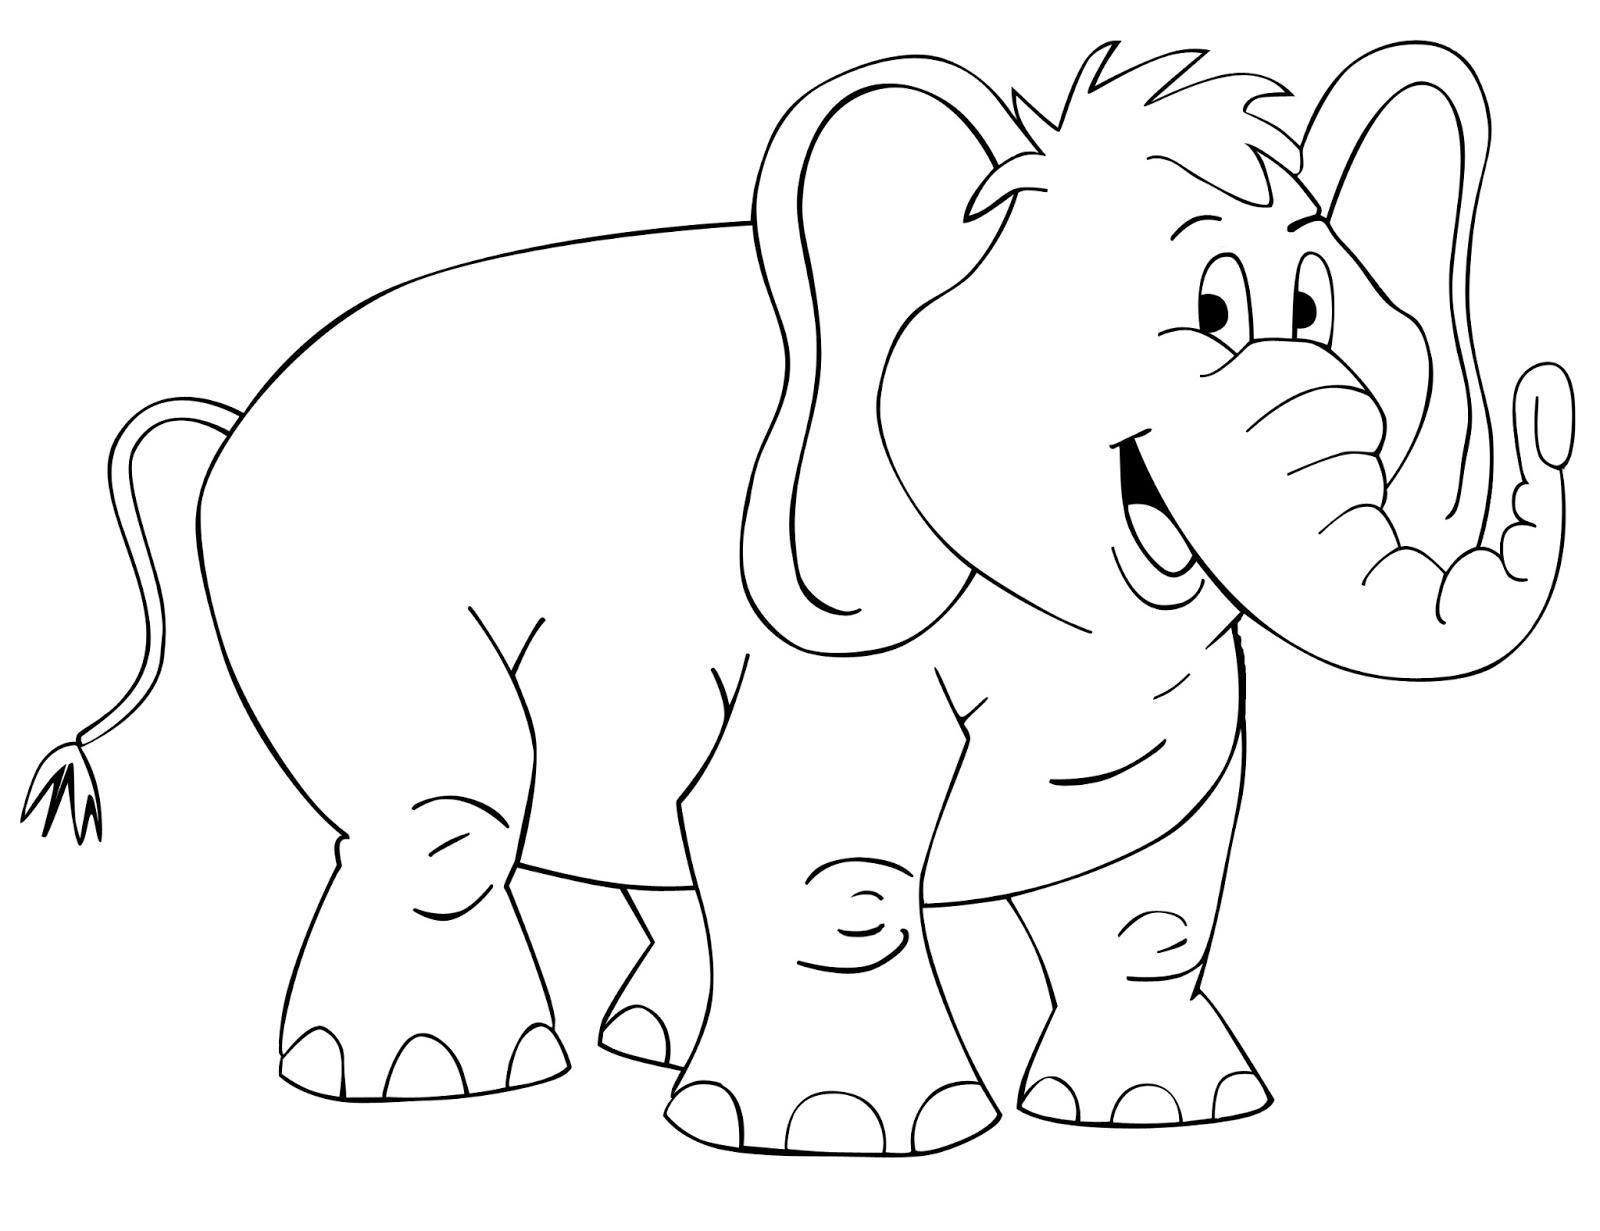 Mewarnai Gambar Harimau Singa Slide 3 Yg Warnai